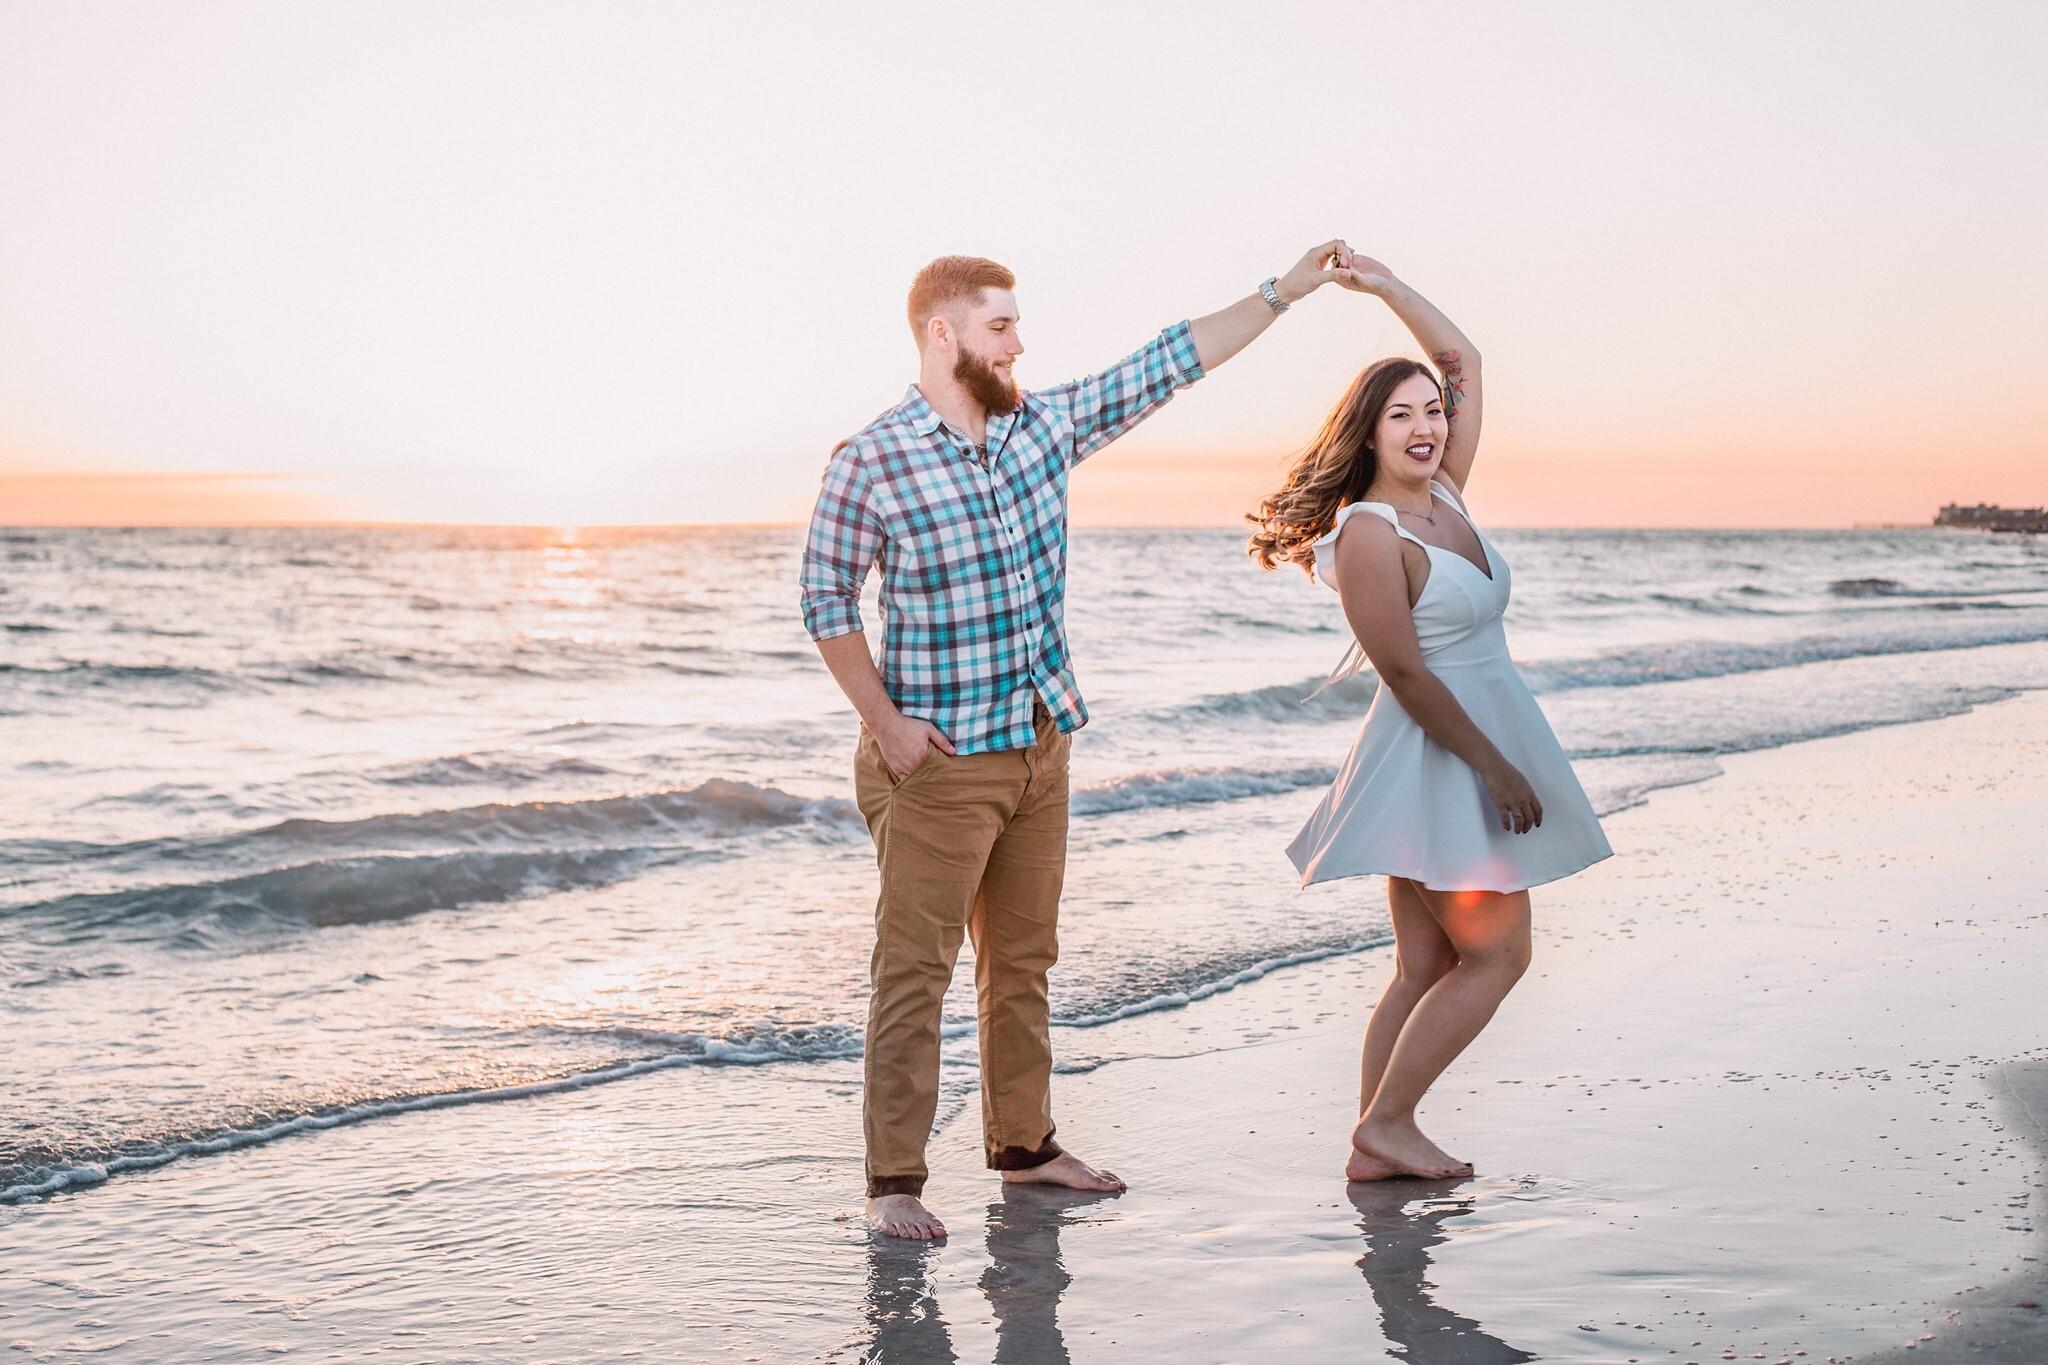 Rayven Johnson Madeira Beach Hannah Lorraine Photography 2.jpg